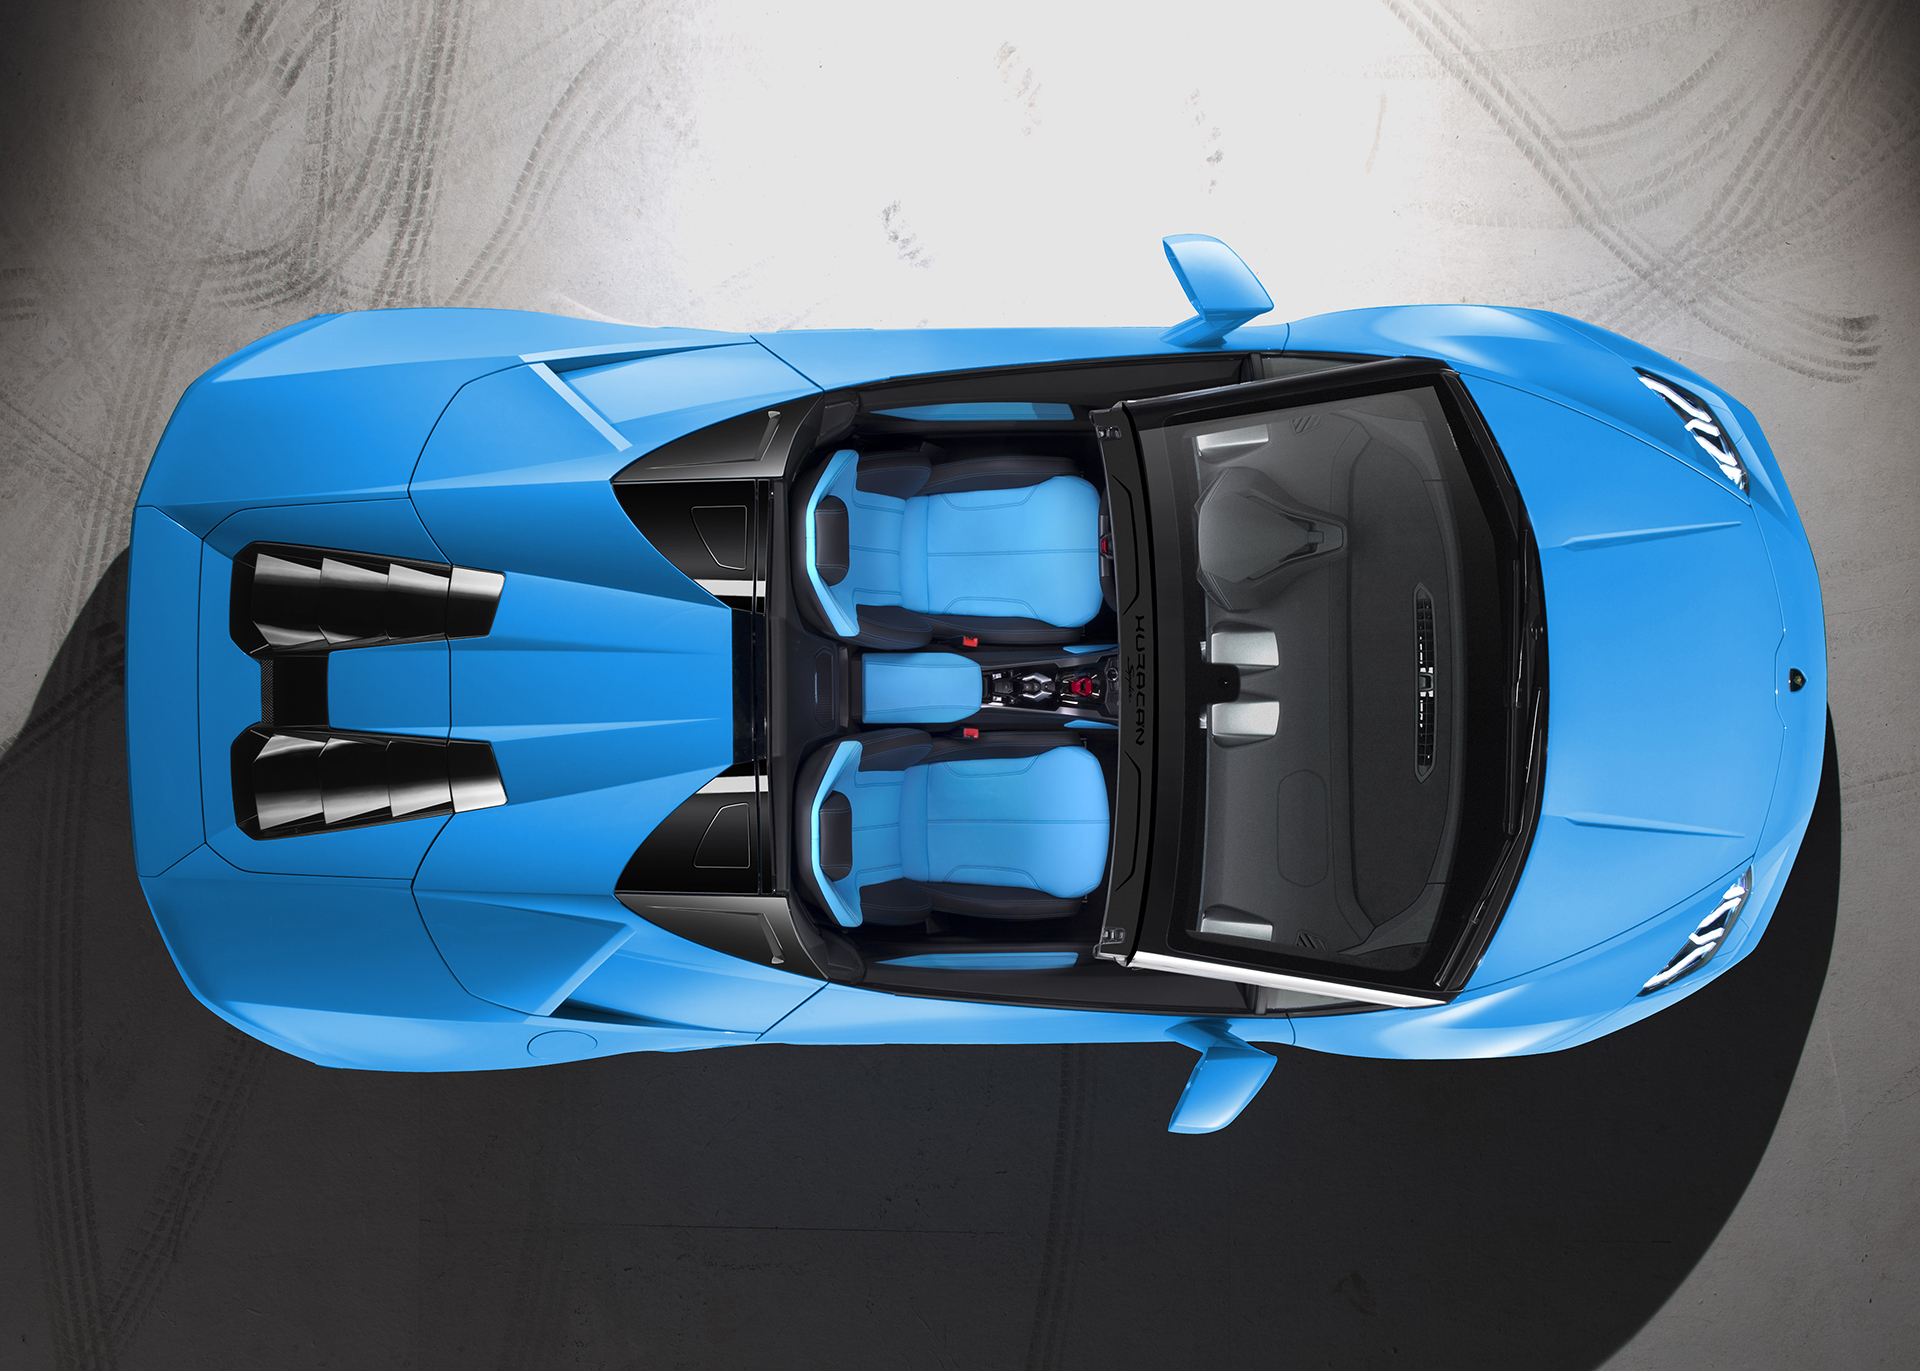 Lamborghini Huracán LP 610-4 Spyder - vue de haut / top view